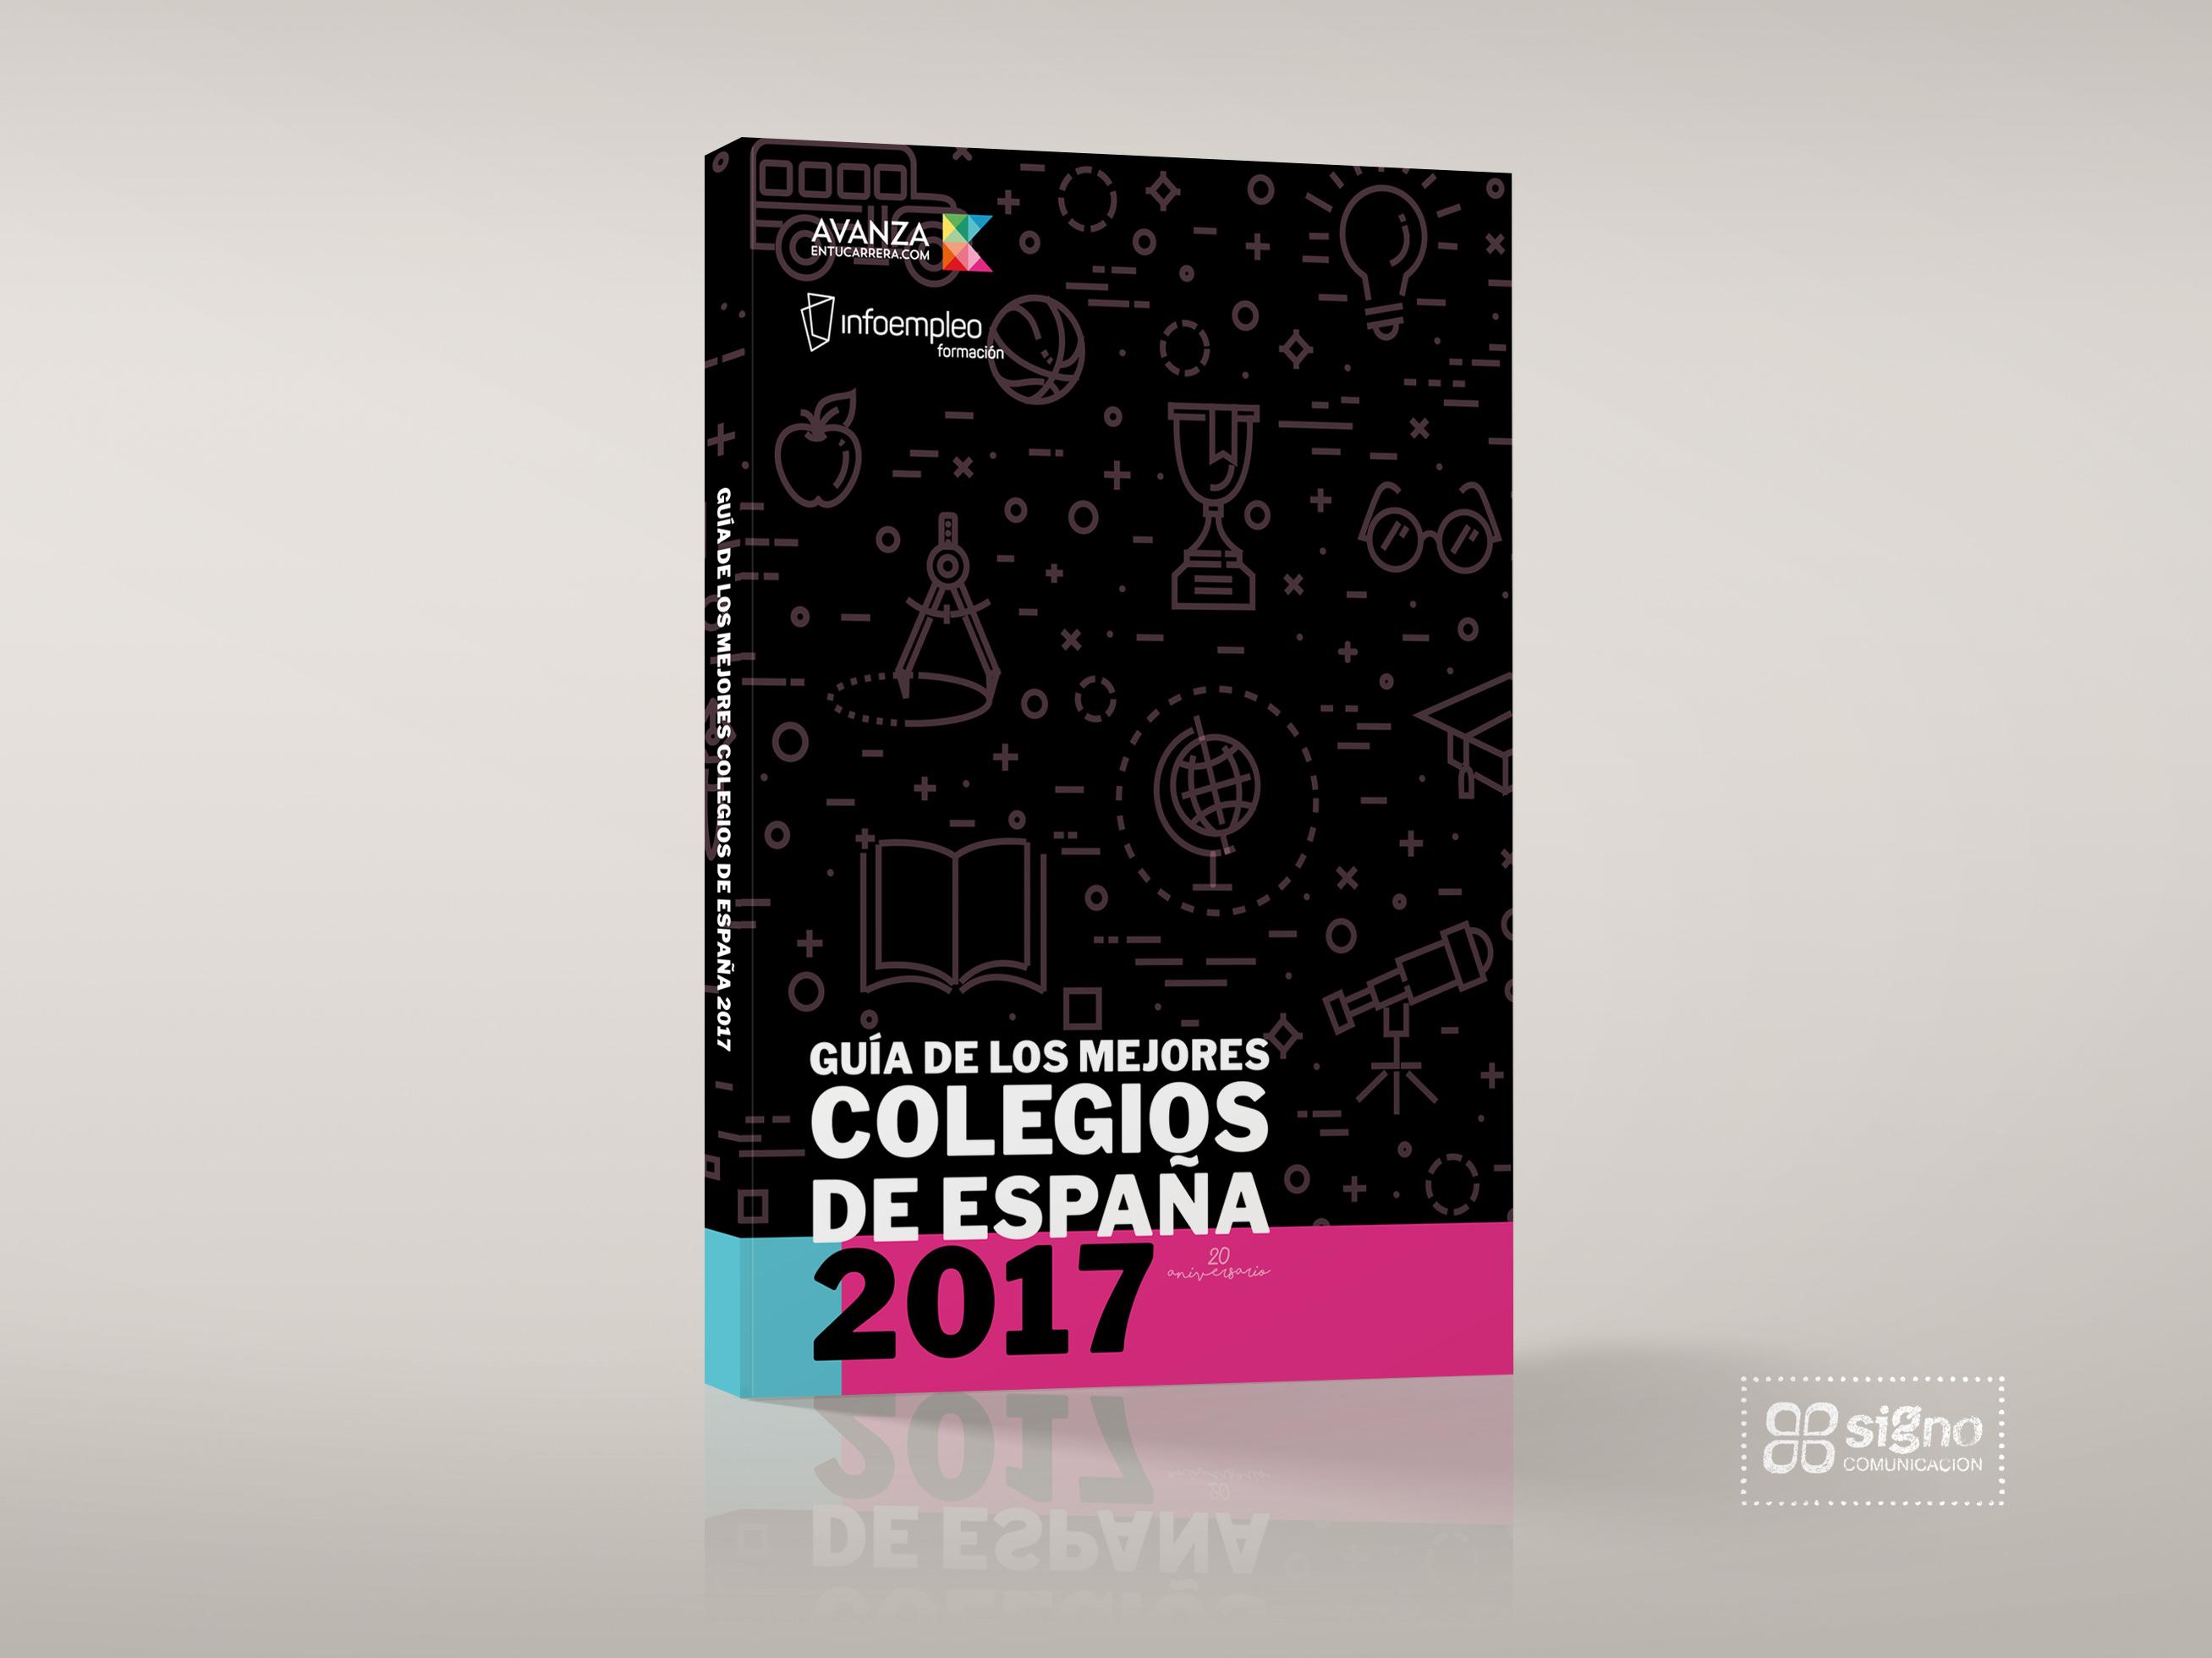 infoempleo-colegios-2017-editorial-0.